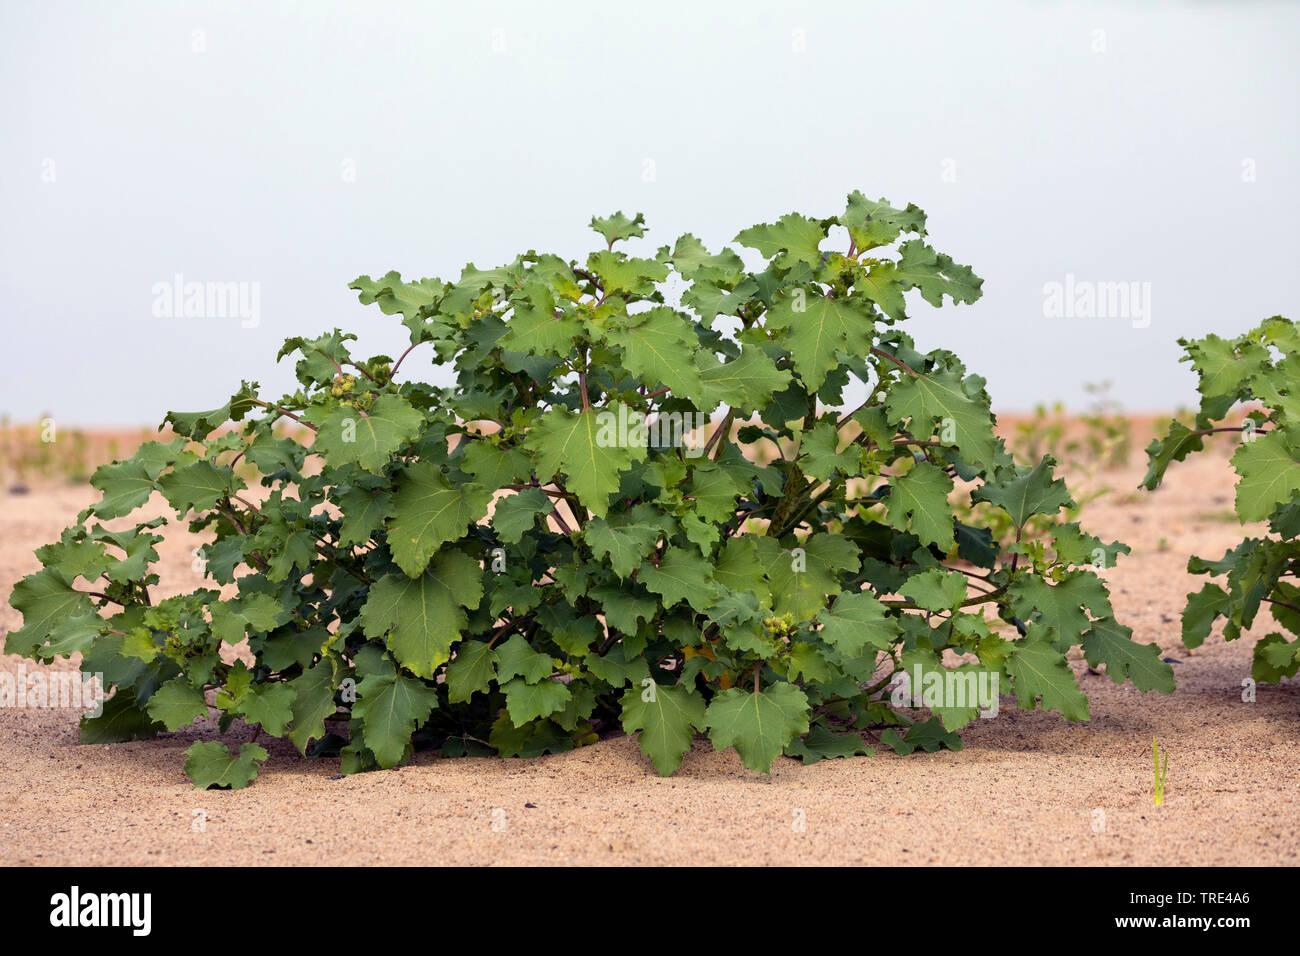 Elb-Spitzklette, Elbspitzklette, Ufer-Spitzklette, Uferspitzklette, Spitzklette (Xanthium albinum, Xanthium albinum subsp. albinum), Habitus, Deutschl - Stock Image